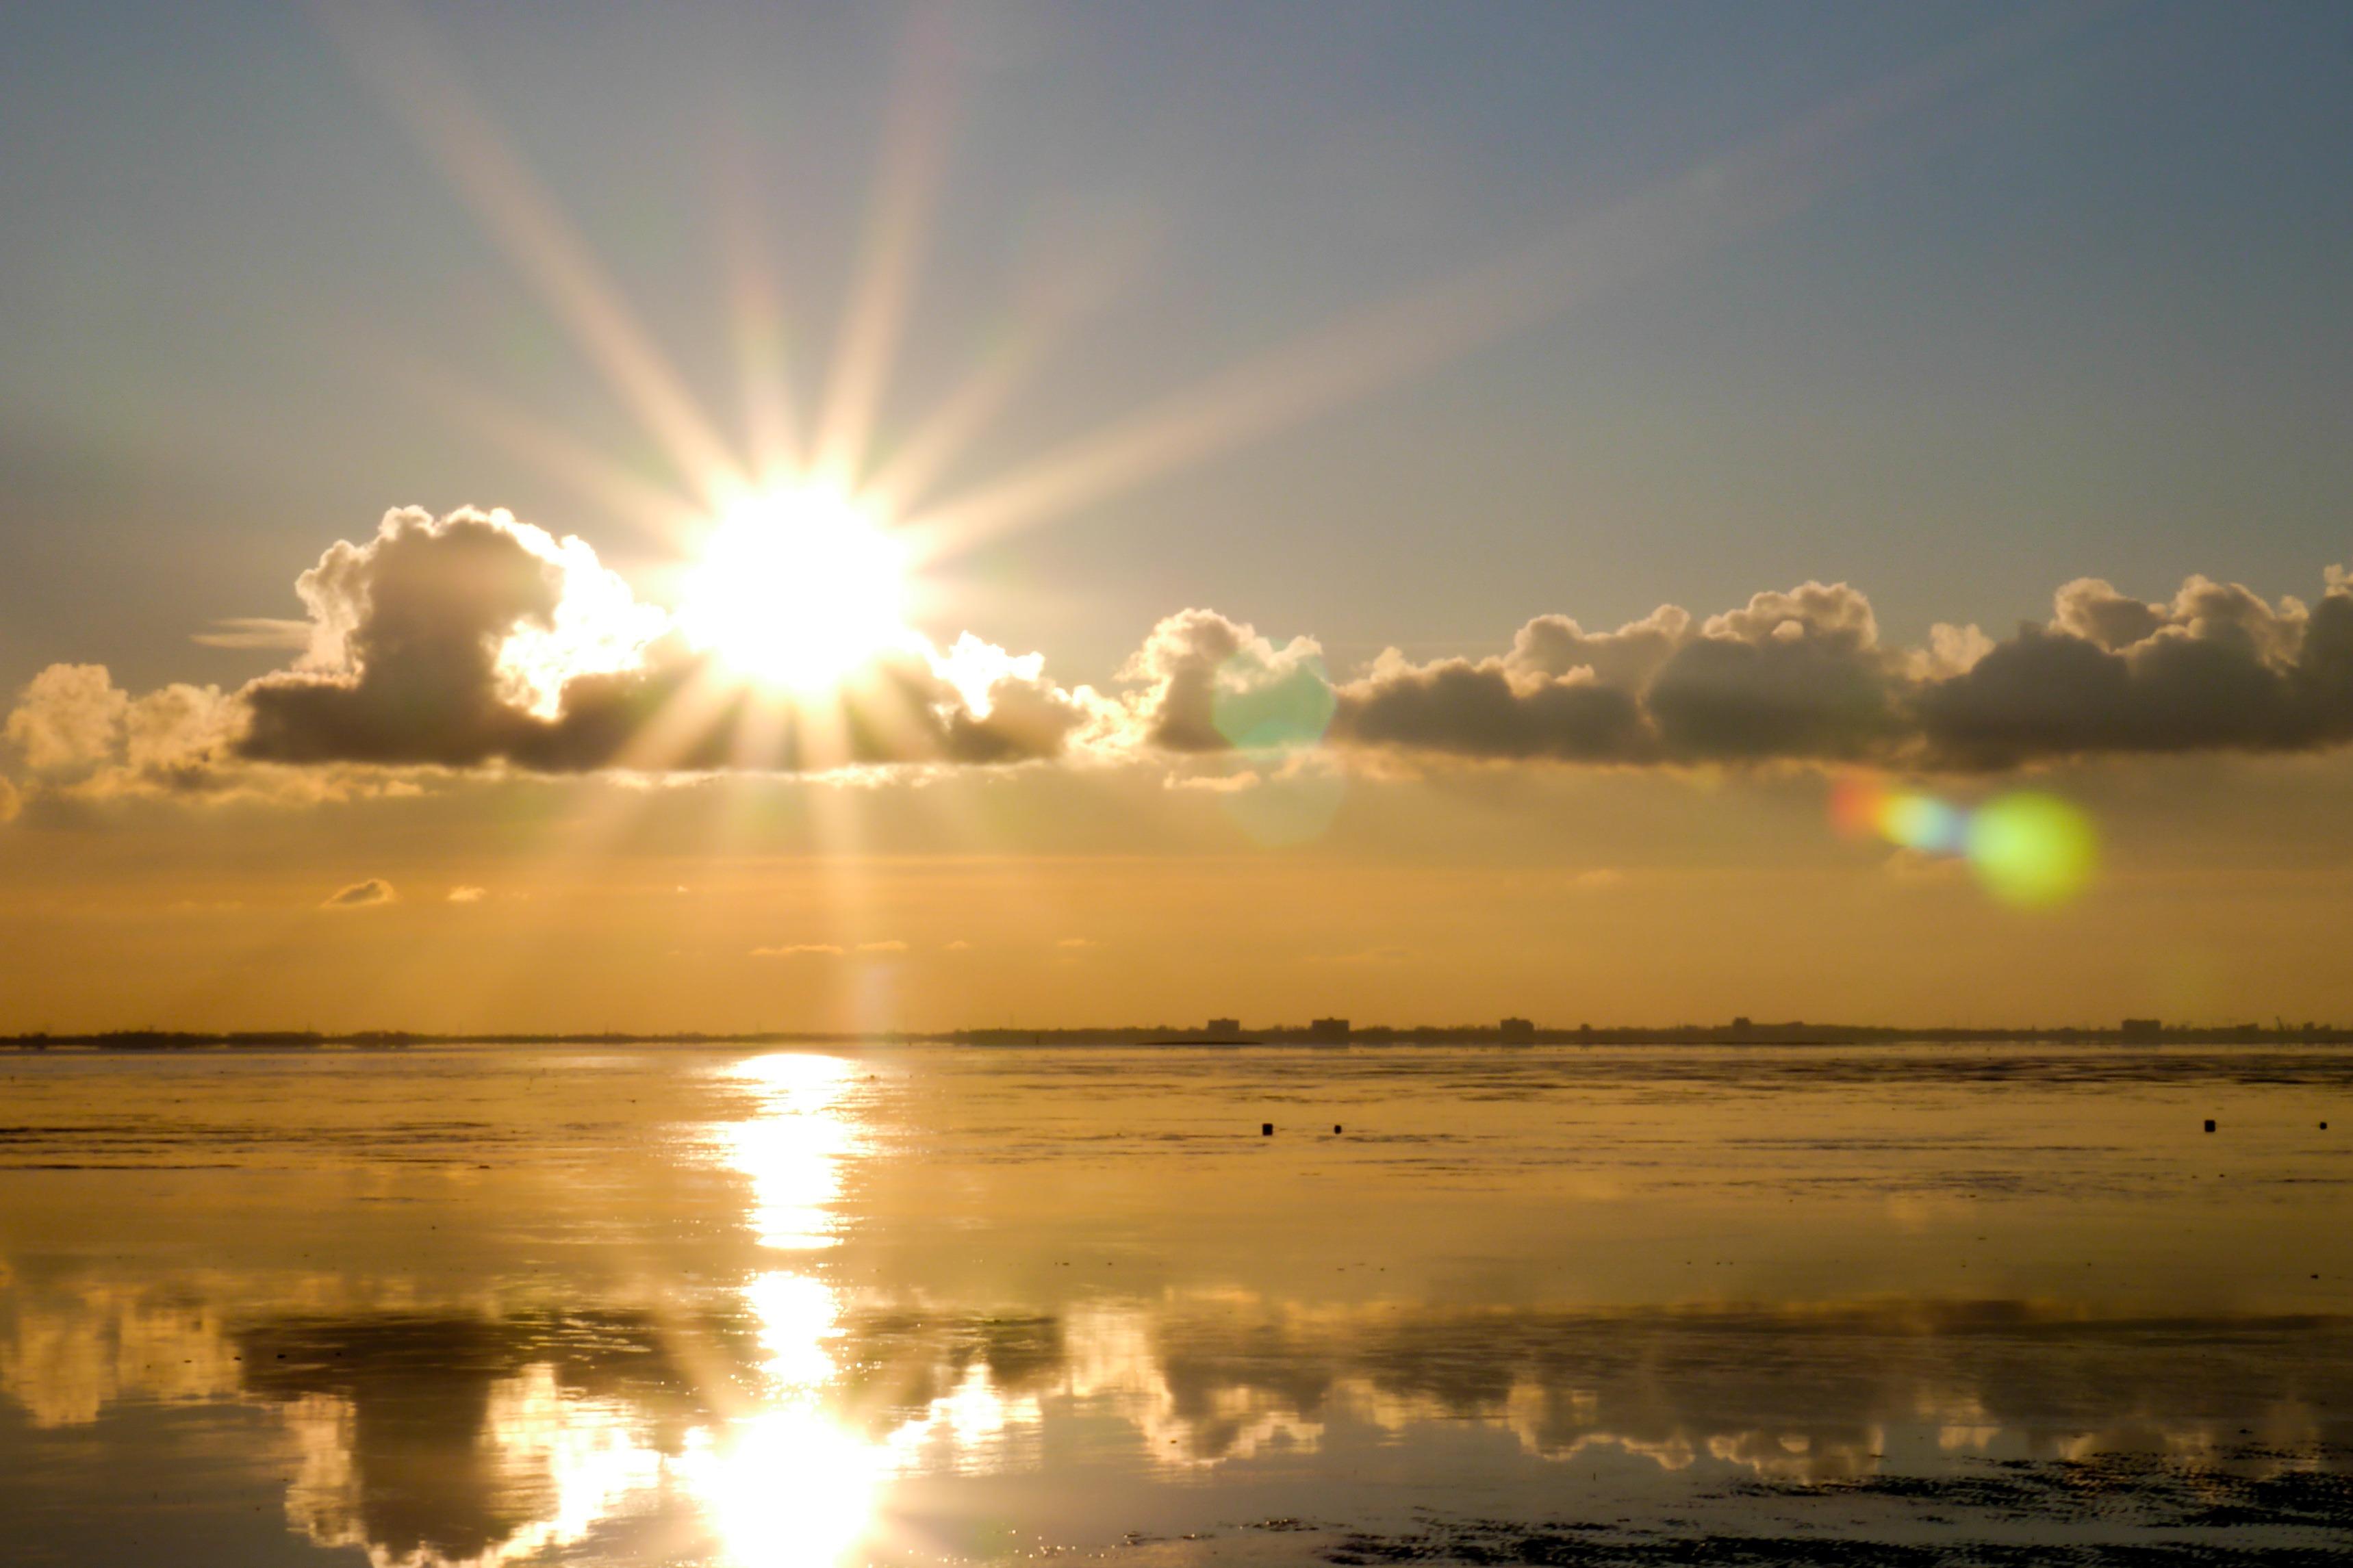 картинки яркое солнце в небеса вес взрослого